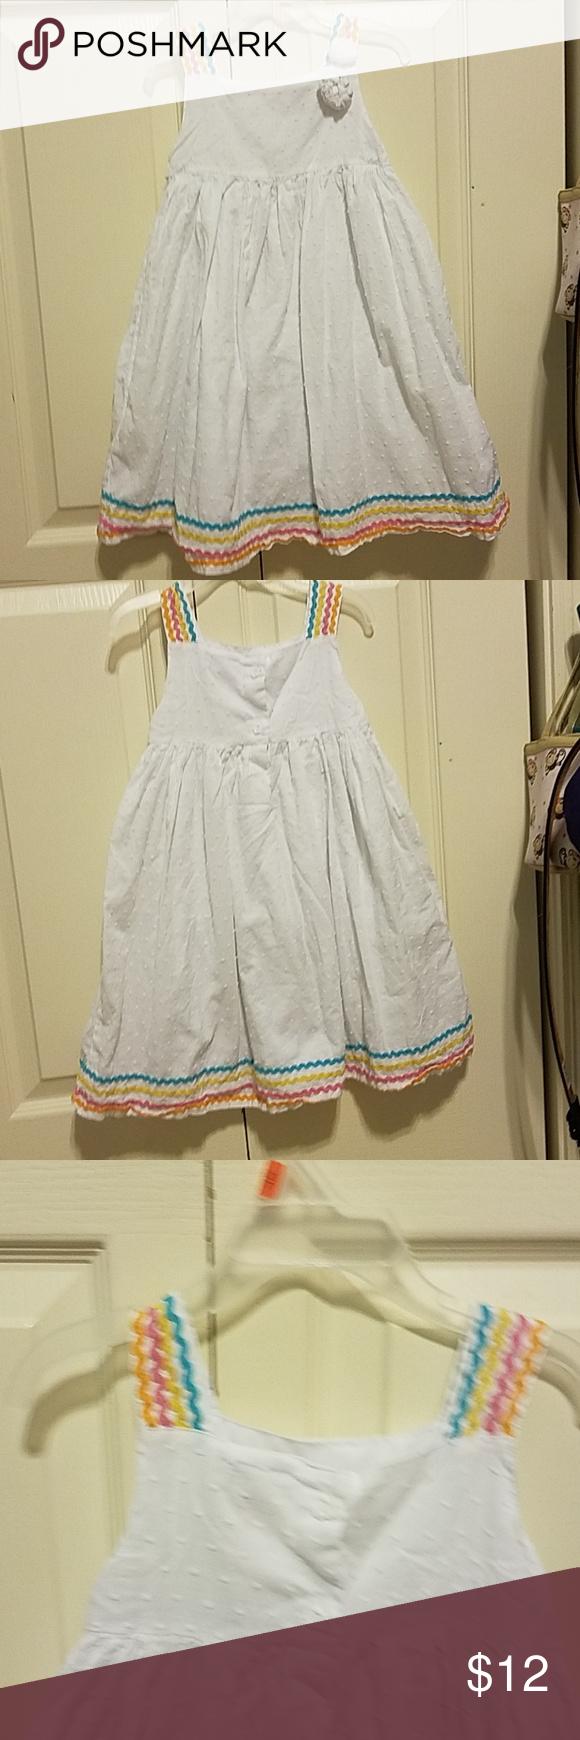 4t White Summer Dress Summer Dresses White Dress Summer Dresses [ 1740 x 580 Pixel ]